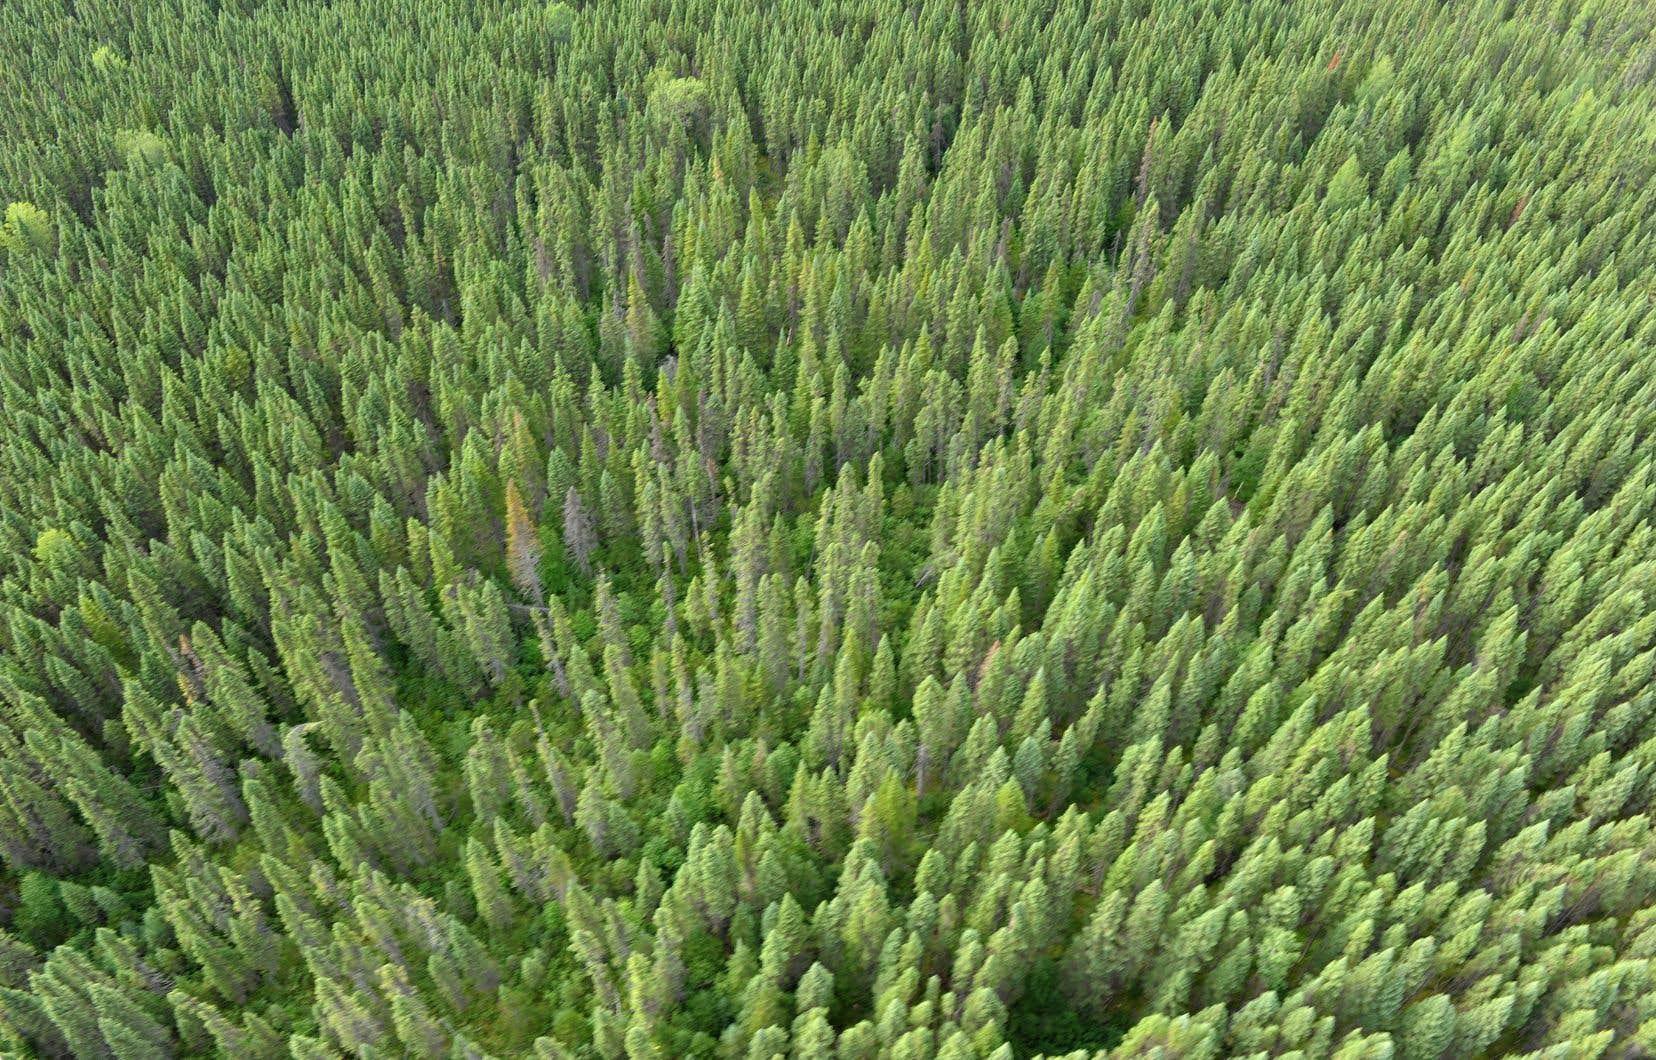 Si l'humanité adoptait le mode de vie canadien, il faudrait plus de 4,7 planètes Terre pour suffire à la demande en ressources, mais aussi pour absorber l'ensemble de nos émissions de gaz à effet de serre.